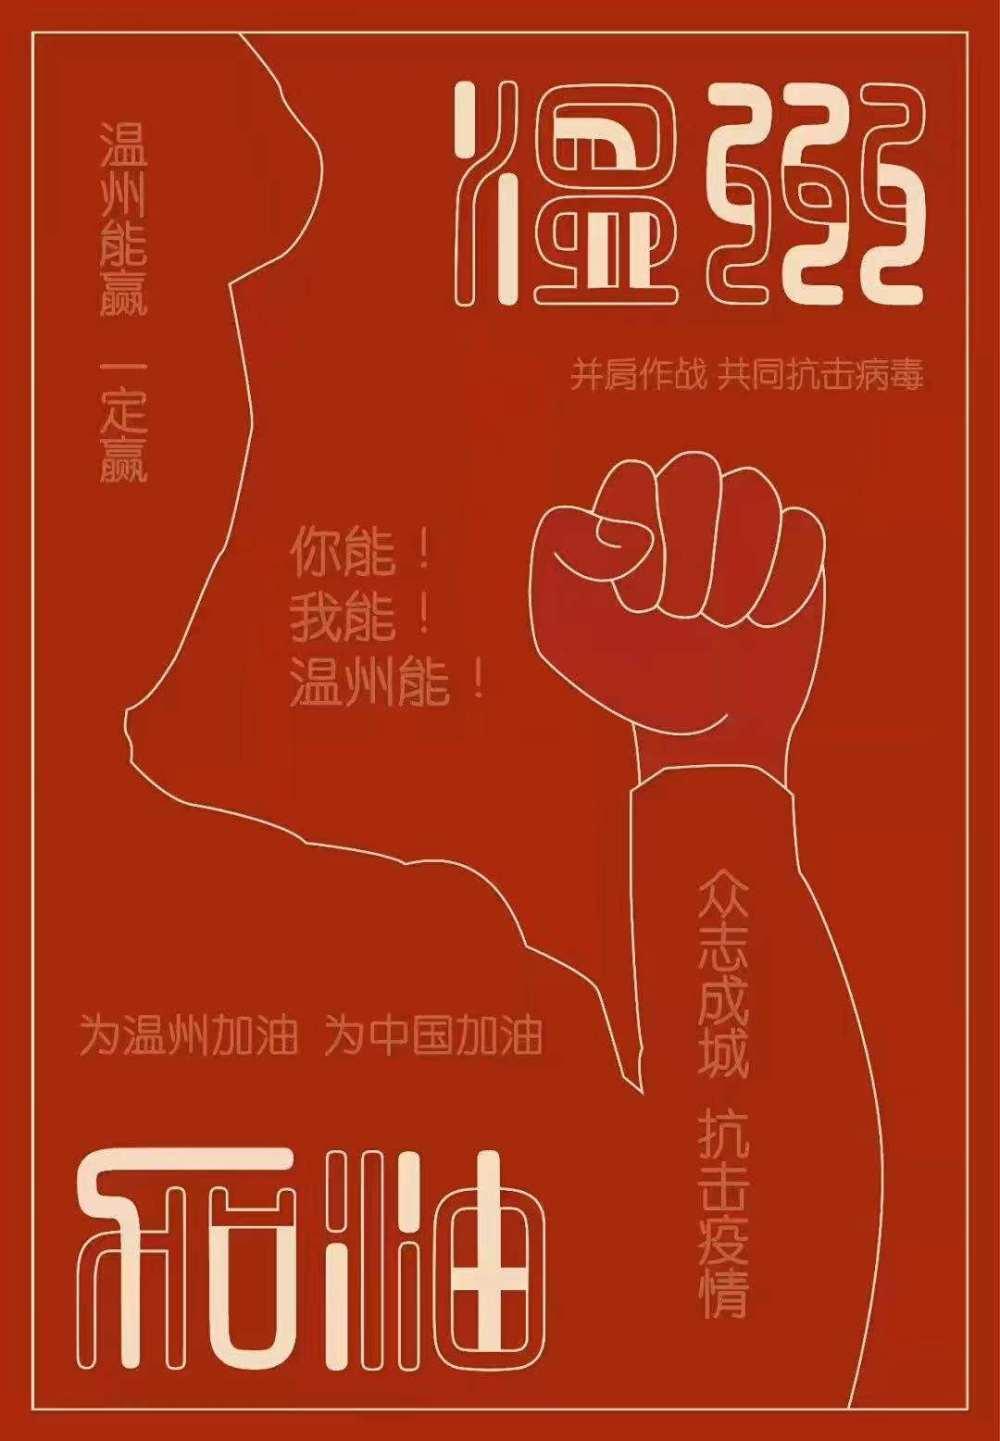 jianfu-0202.jpg